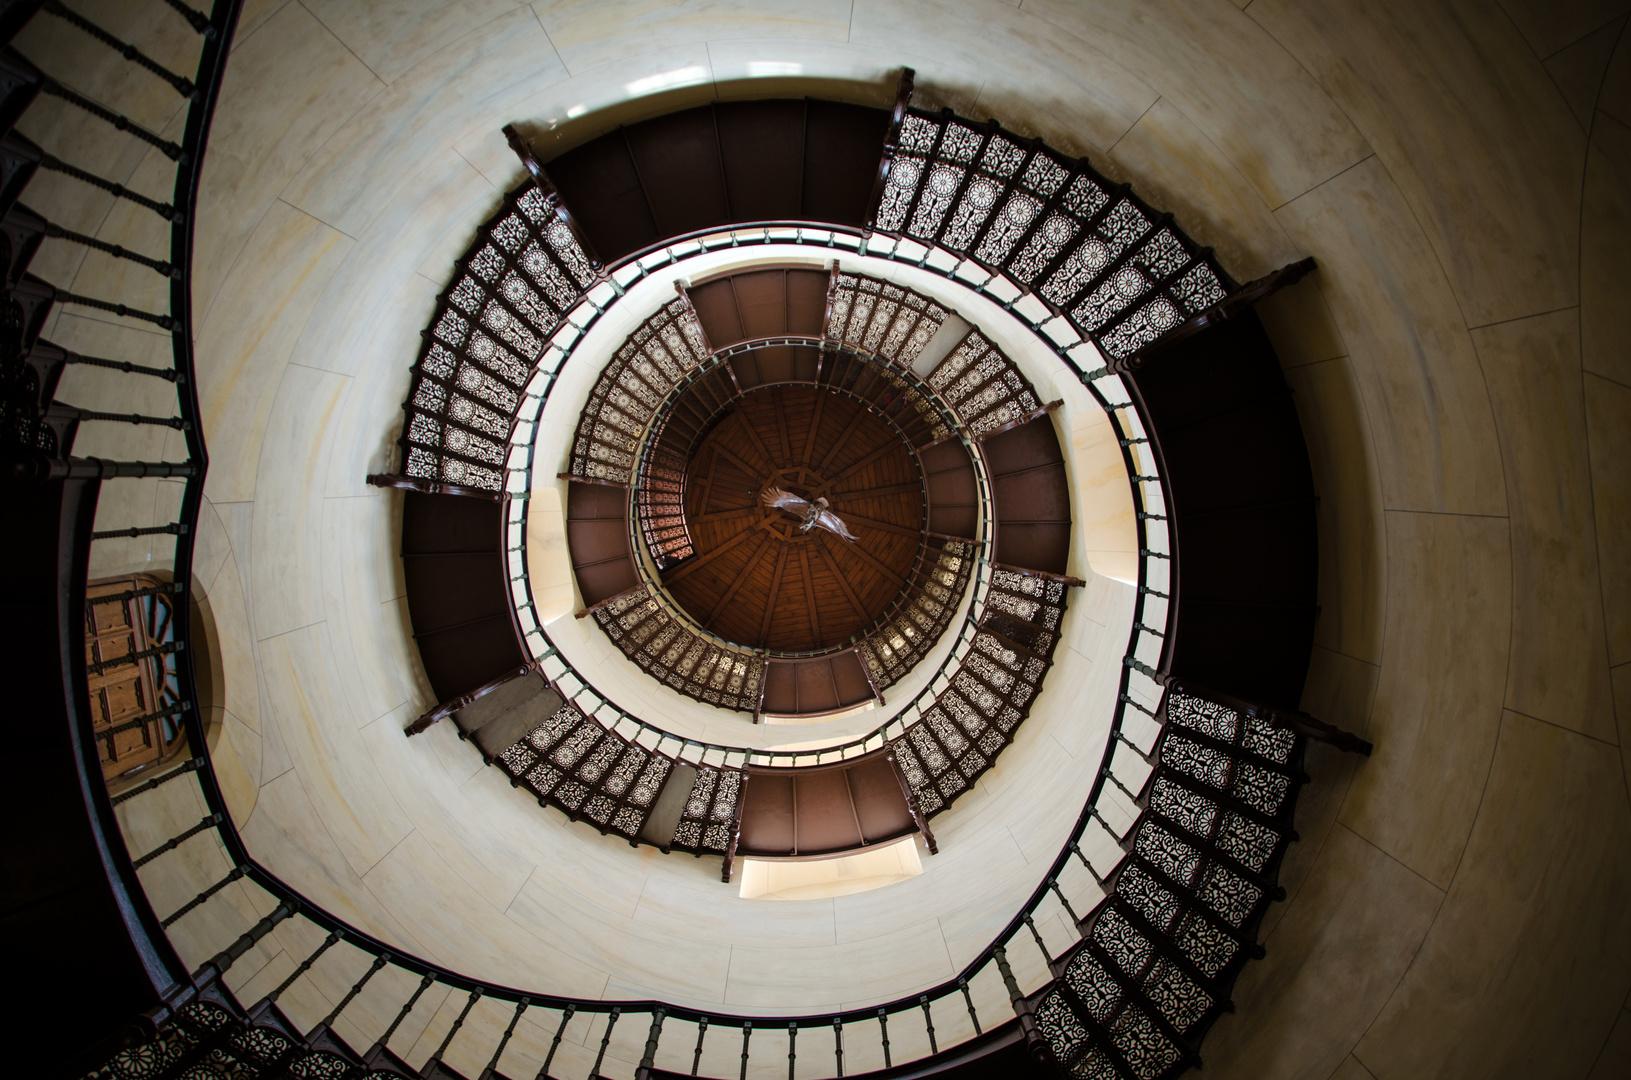 Treppenaufgang zum Turm des Jagdschlosses auf Rügen